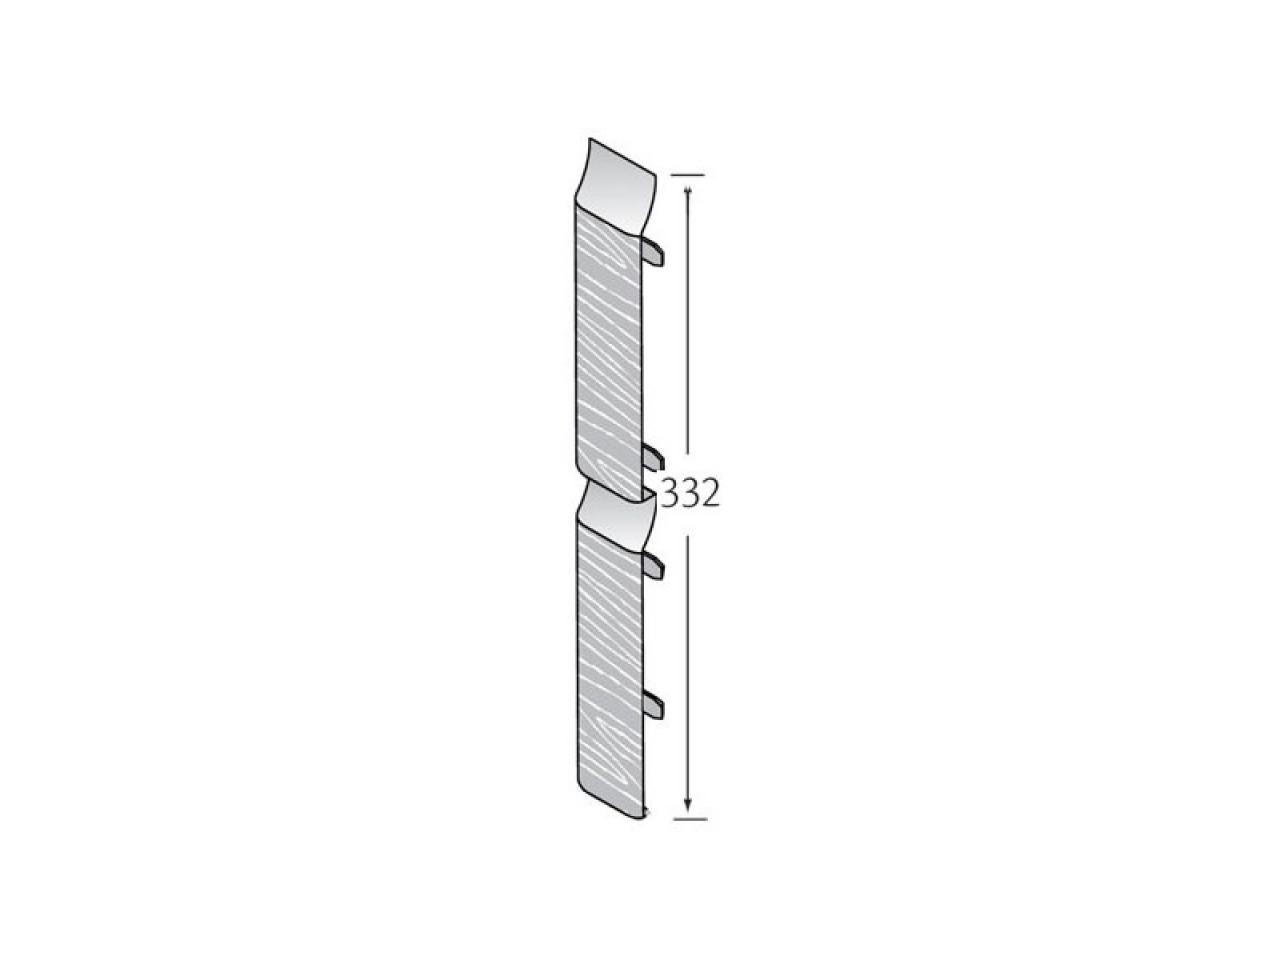 Stootvoegverbinding 332 mm (voor dubbel rabat) - Eurotexx